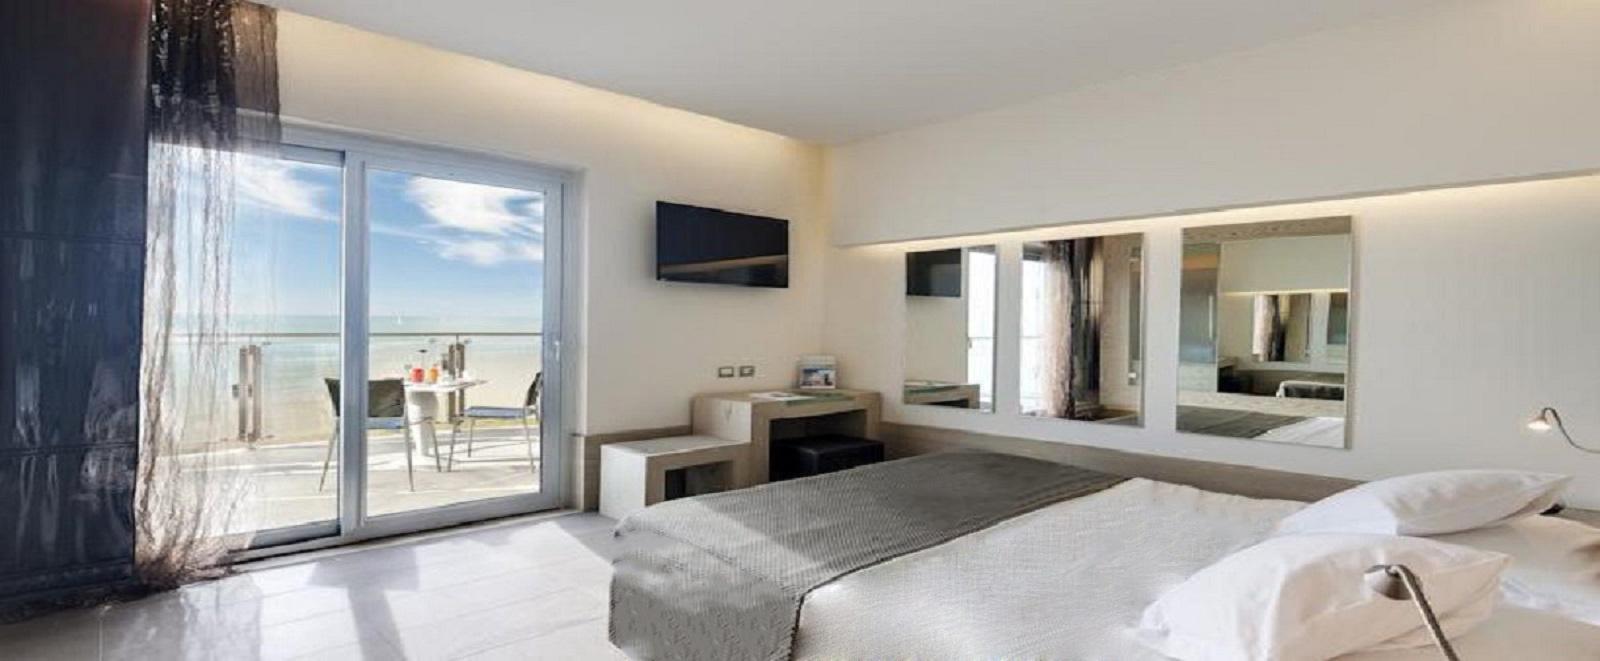 Hotel Aran Blu Roma Ostia - Direttamente sul mare ...